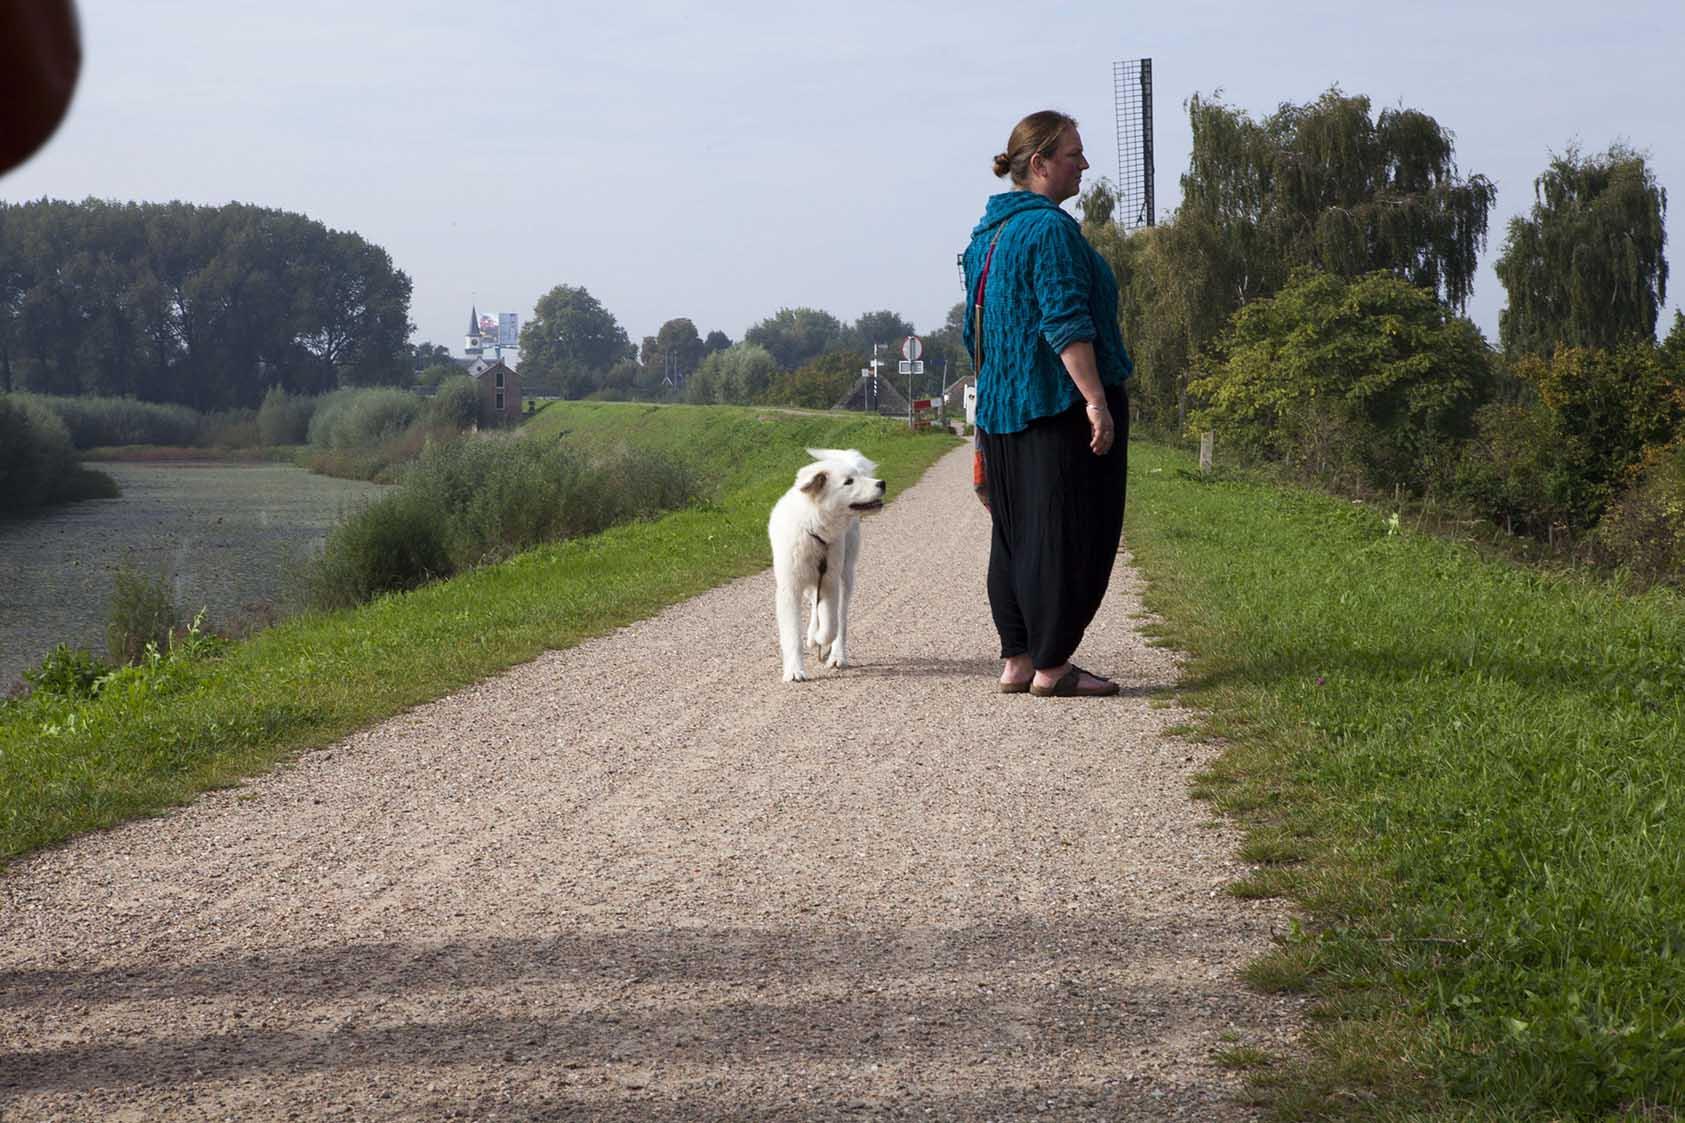 Bezoek Kasteeltuin Neerijnen met JBT - Nora Verbraak